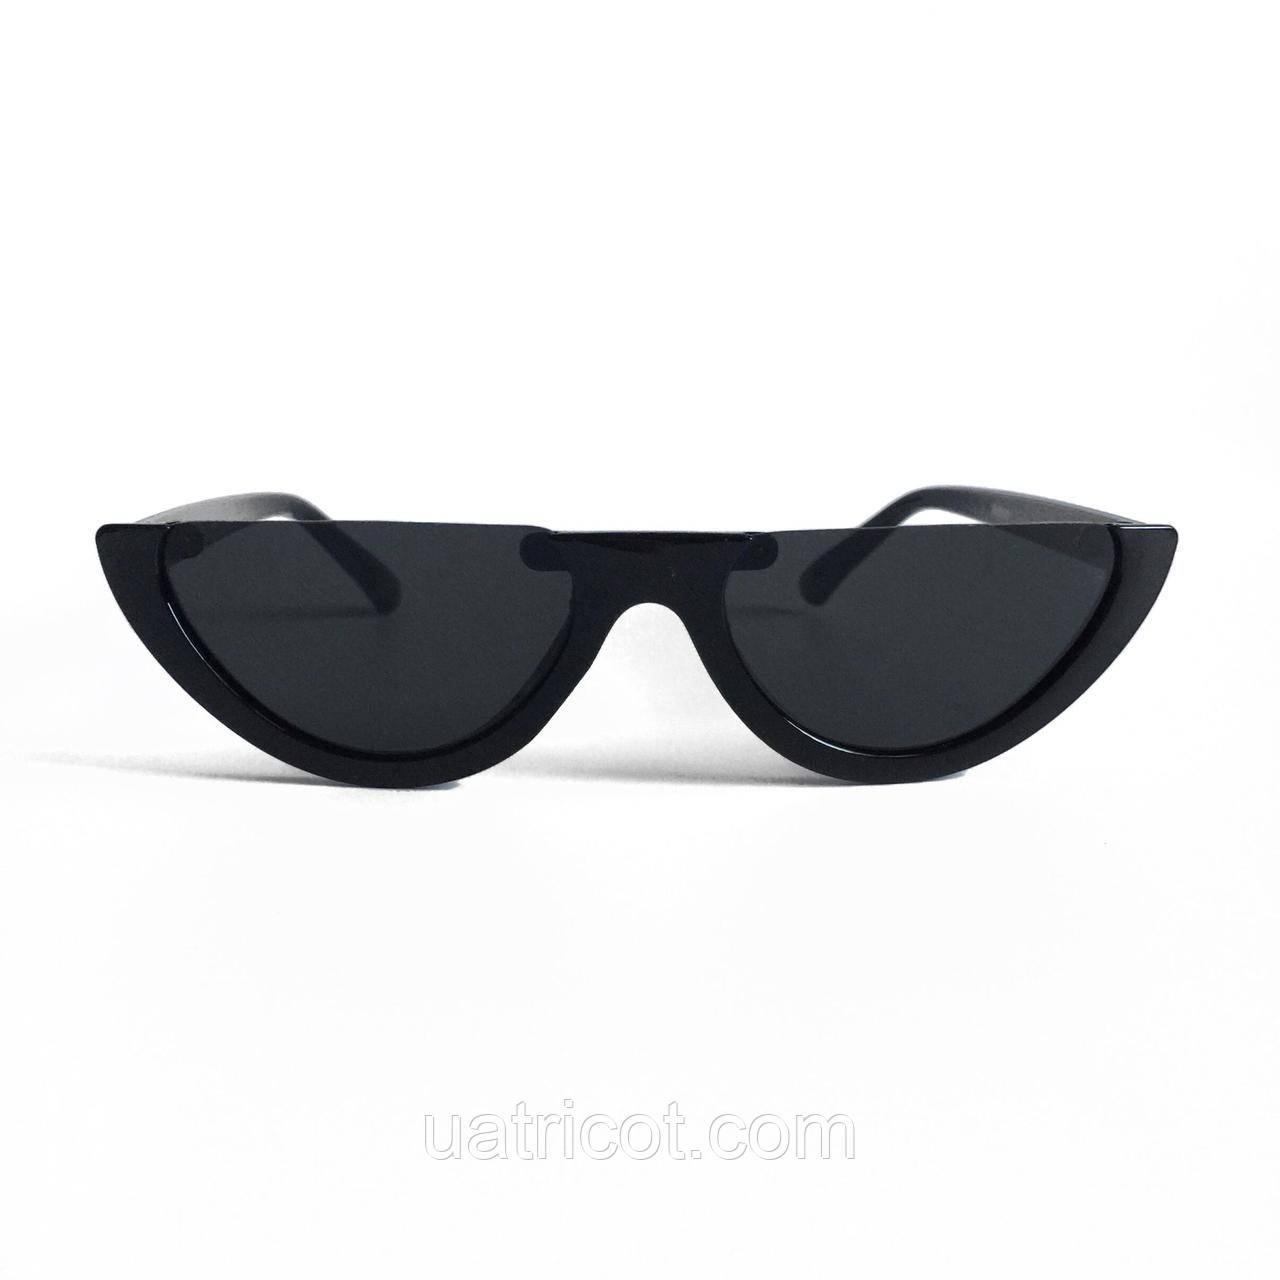 Женские солнцезащитные очки лисы в чёрной оправе